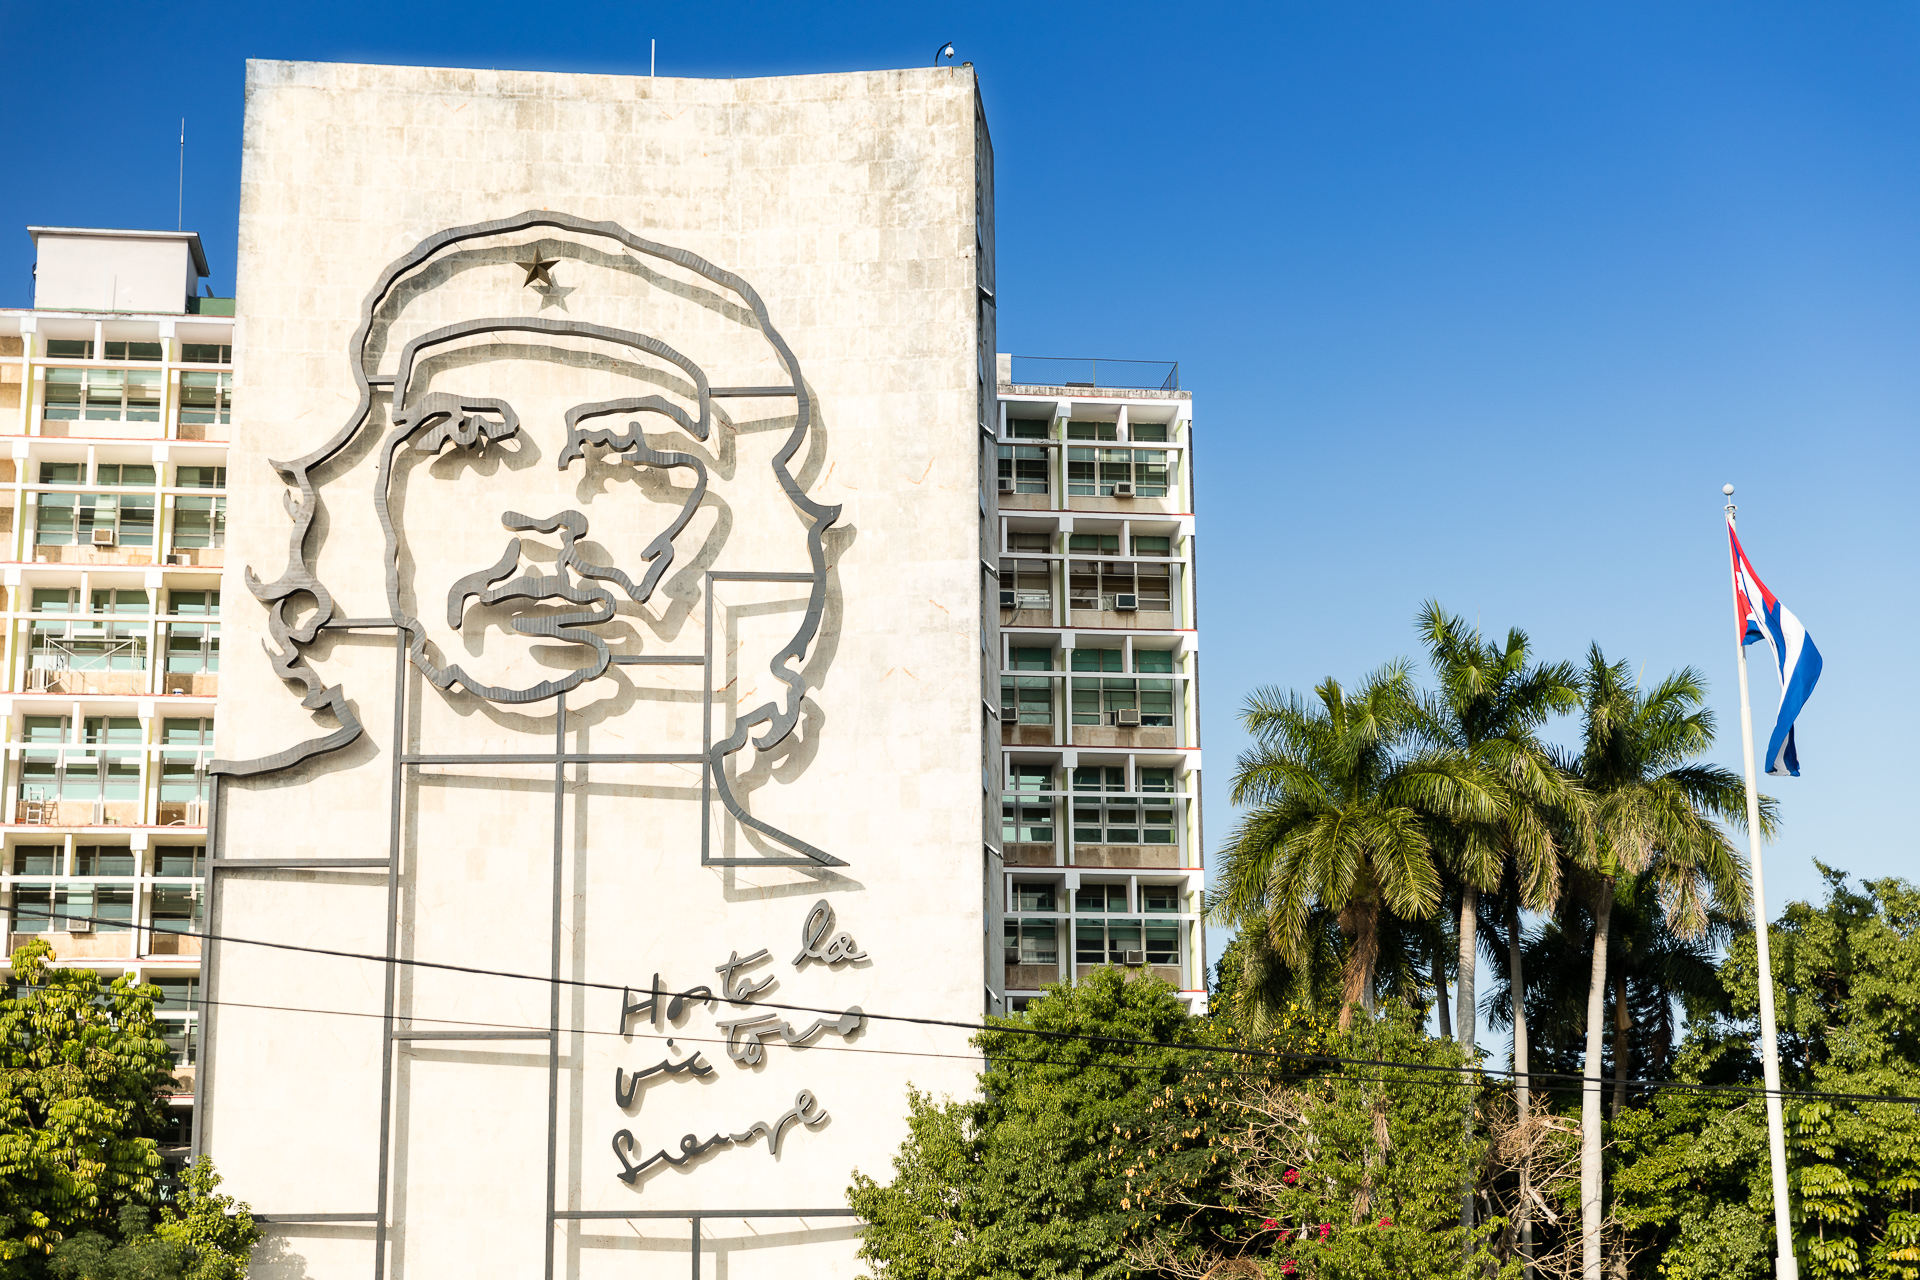 Bild: Che Guevara Konterfei am Plaza de la Revolution Havanna Kuba